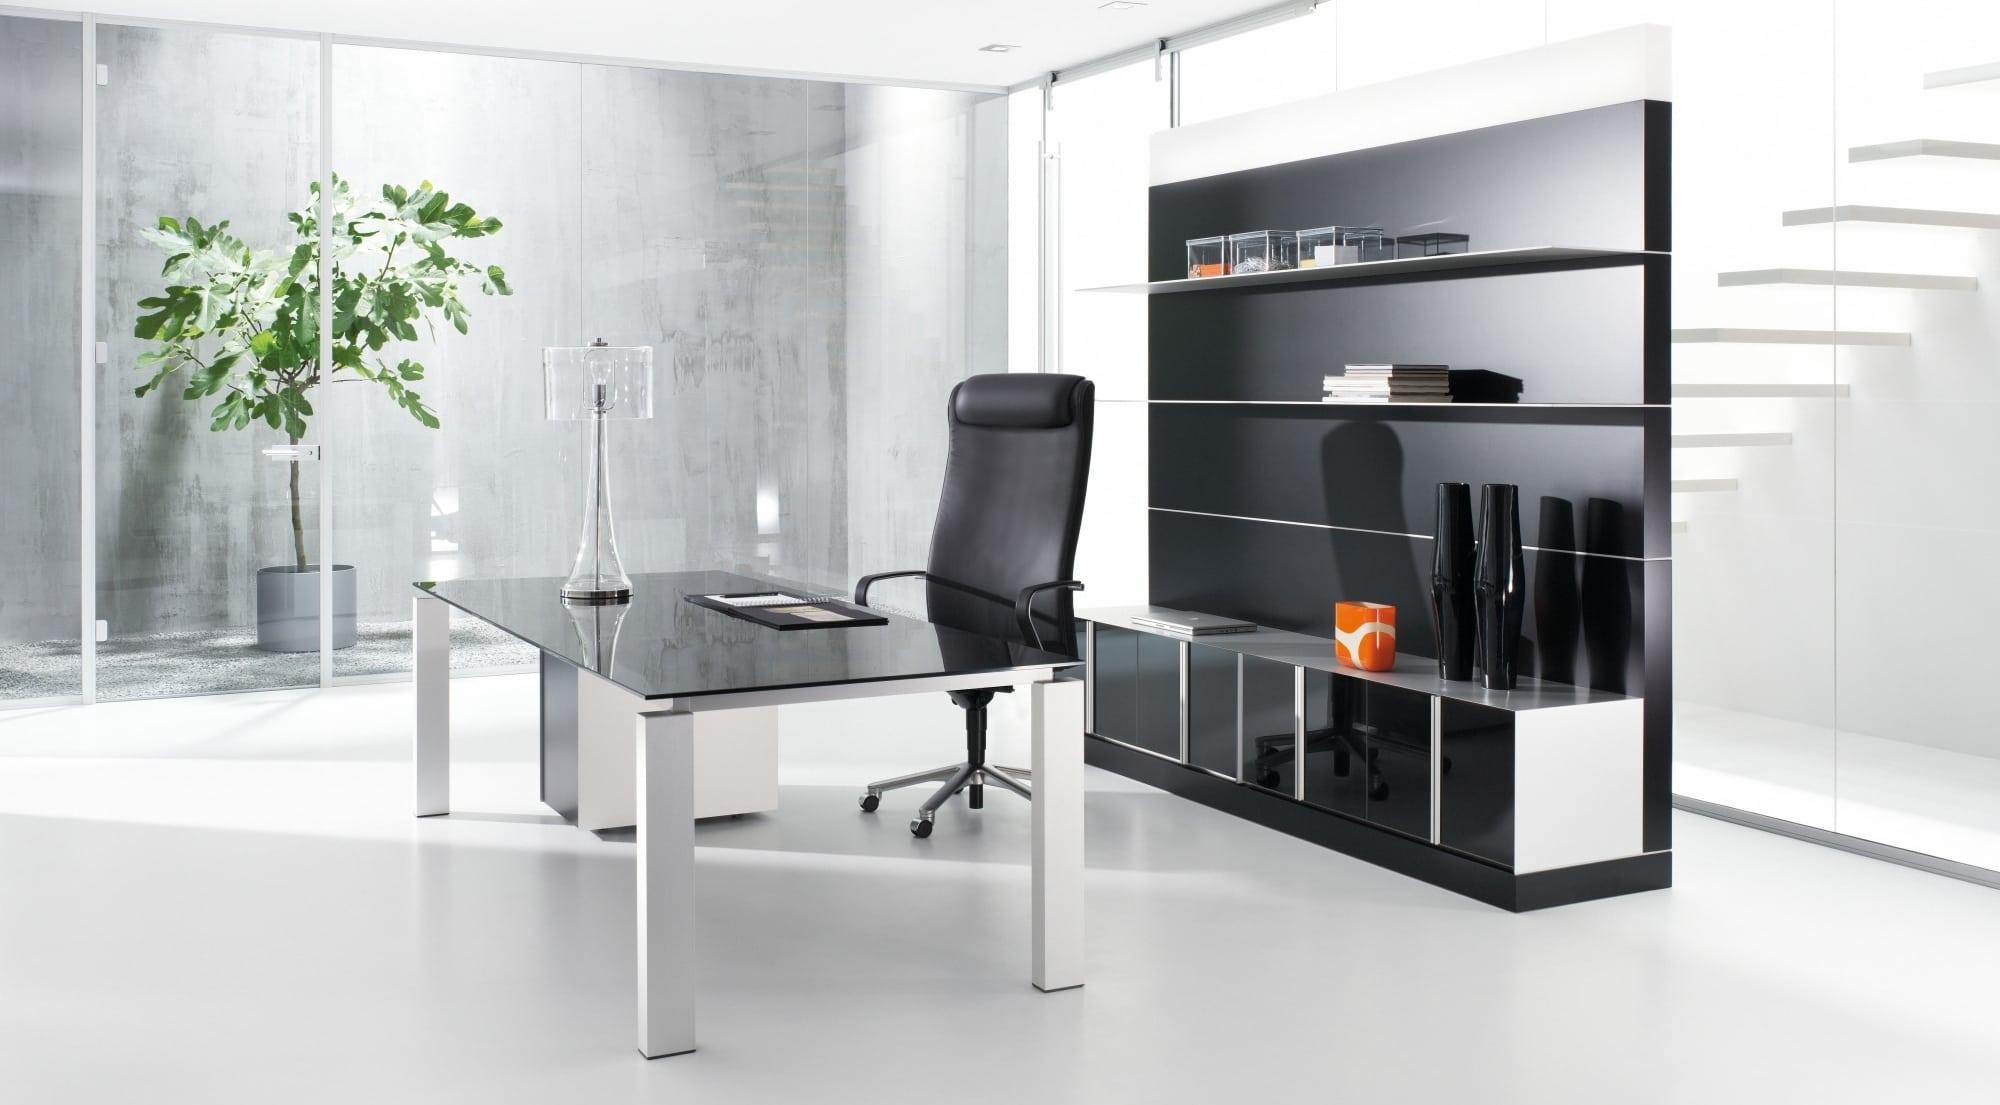 Arbeitstisch der Produktserie s800 für Chefbüros mit einem Tischgestell in Silber und einer Tischplatte aus dunklem Glas.